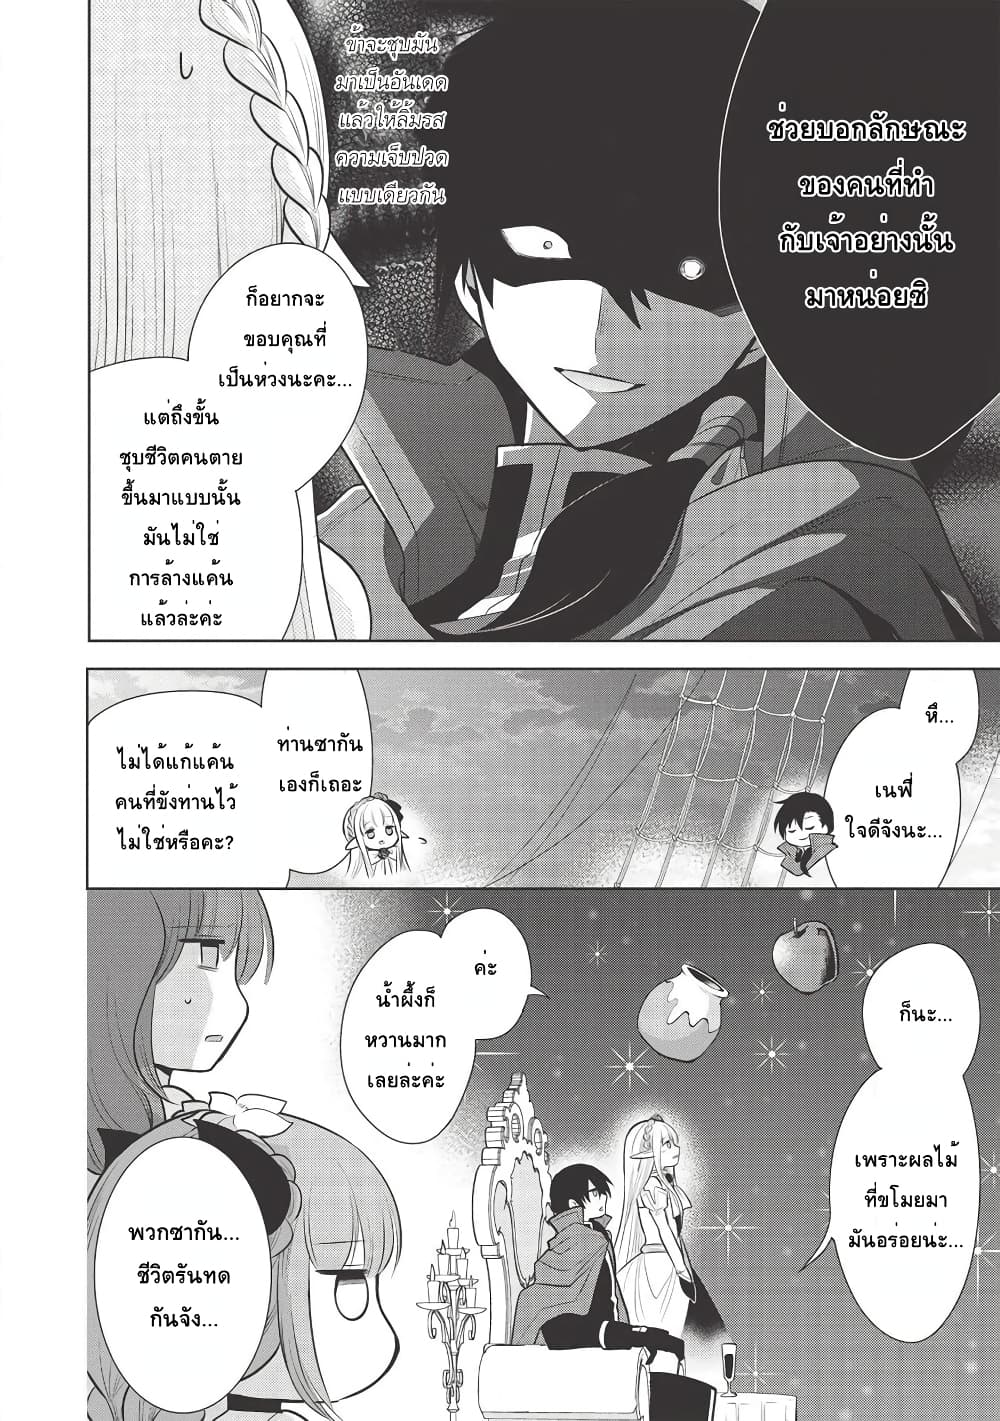 อ่านการ์ตูน Maou no Ore ga Dorei Elf wo Yome ni Shitanda ga Dou Medereba Ii ตอนที่ 28 หน้าที่ 4